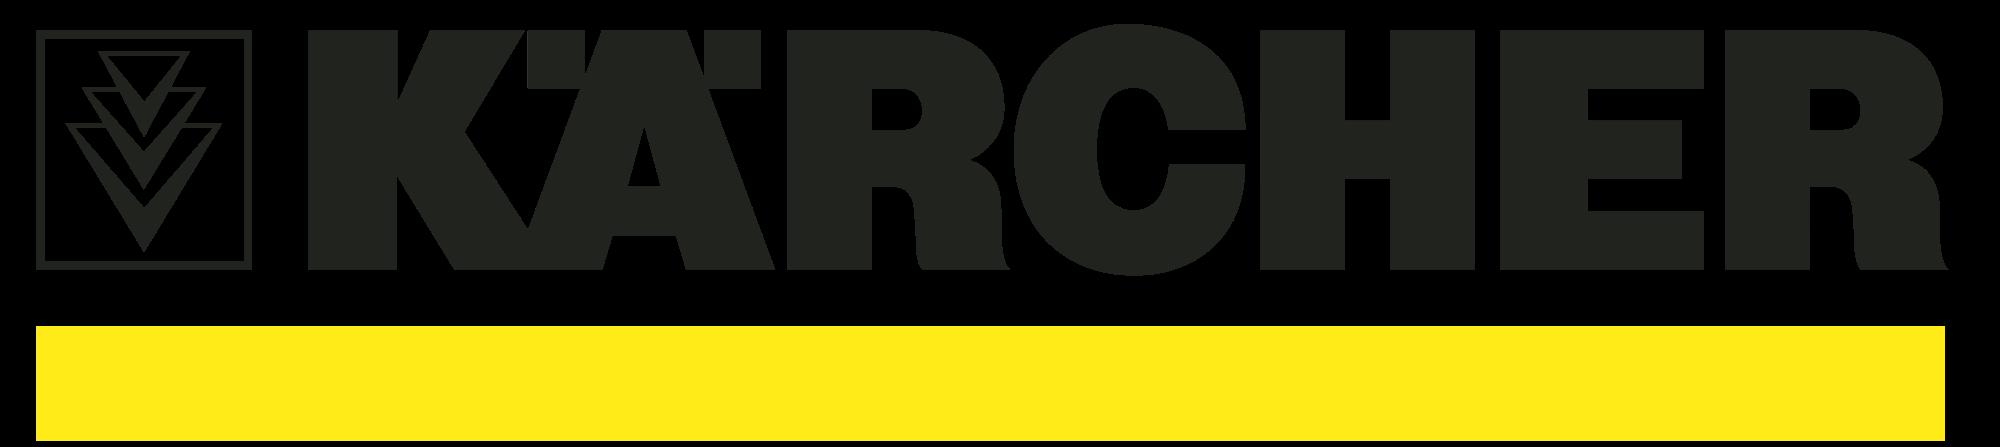 KÄRCHER_logo.svg